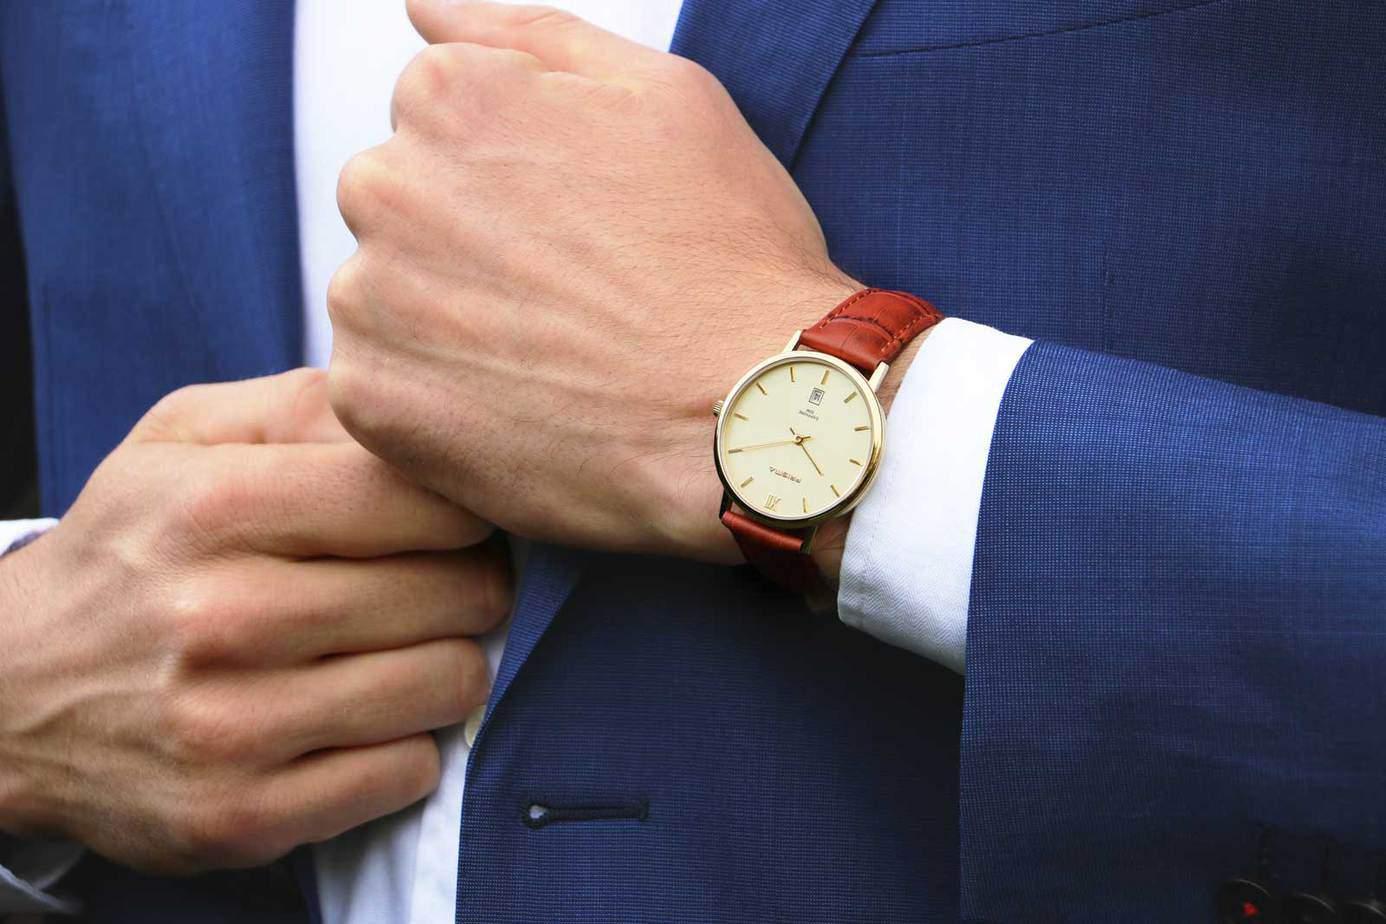 welk horloge bij een pak inspiratie herenhorloge herenhorloges horloge voor mannen watch for suit